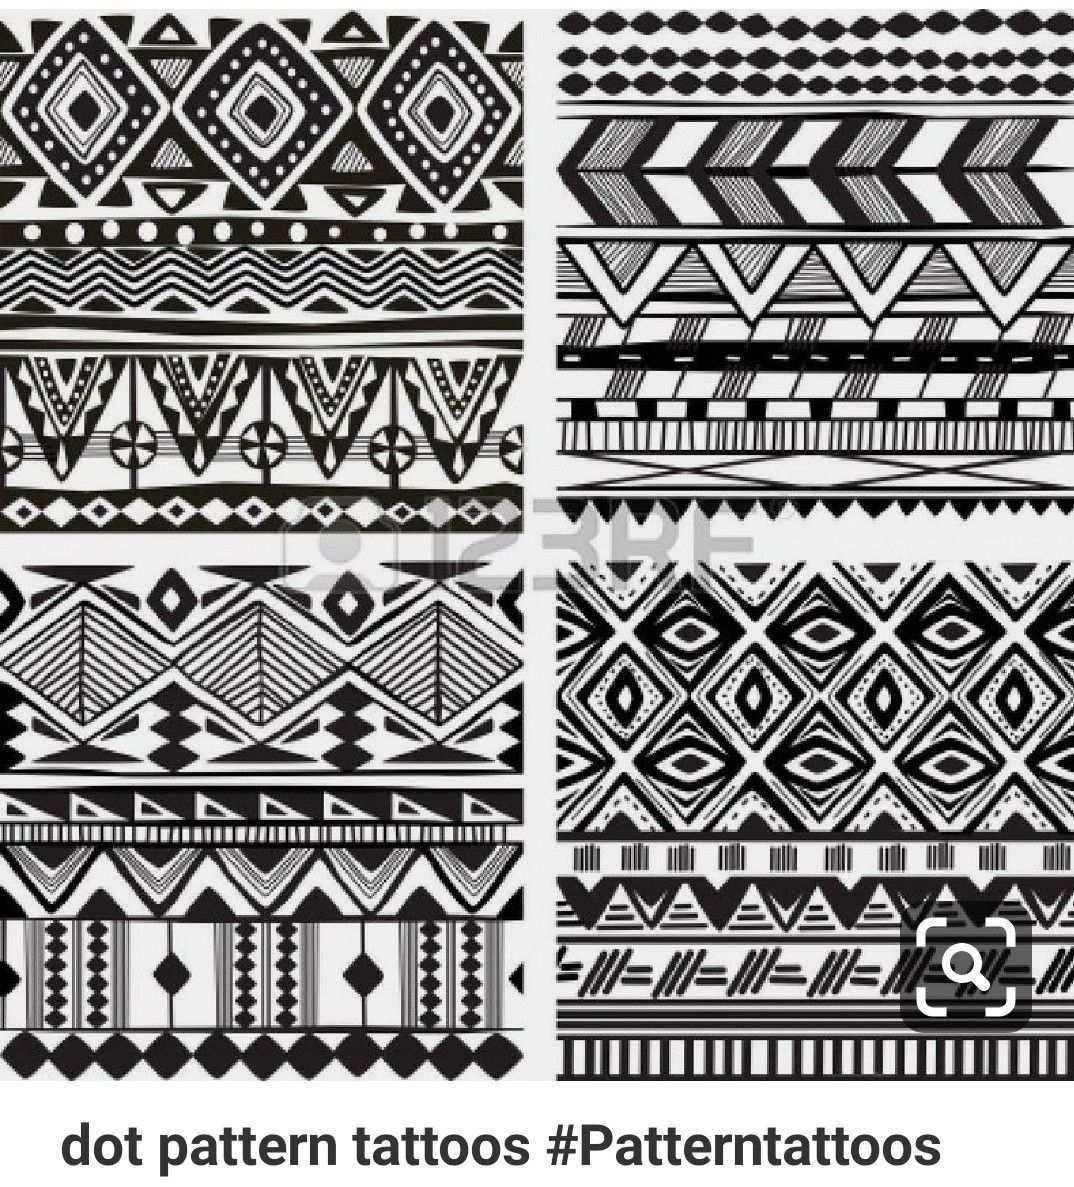 Pin By Temis Hernandez On Pattern Play Tribal Pattern Tattoos African Tribal Tattoos Pattern Tattoo